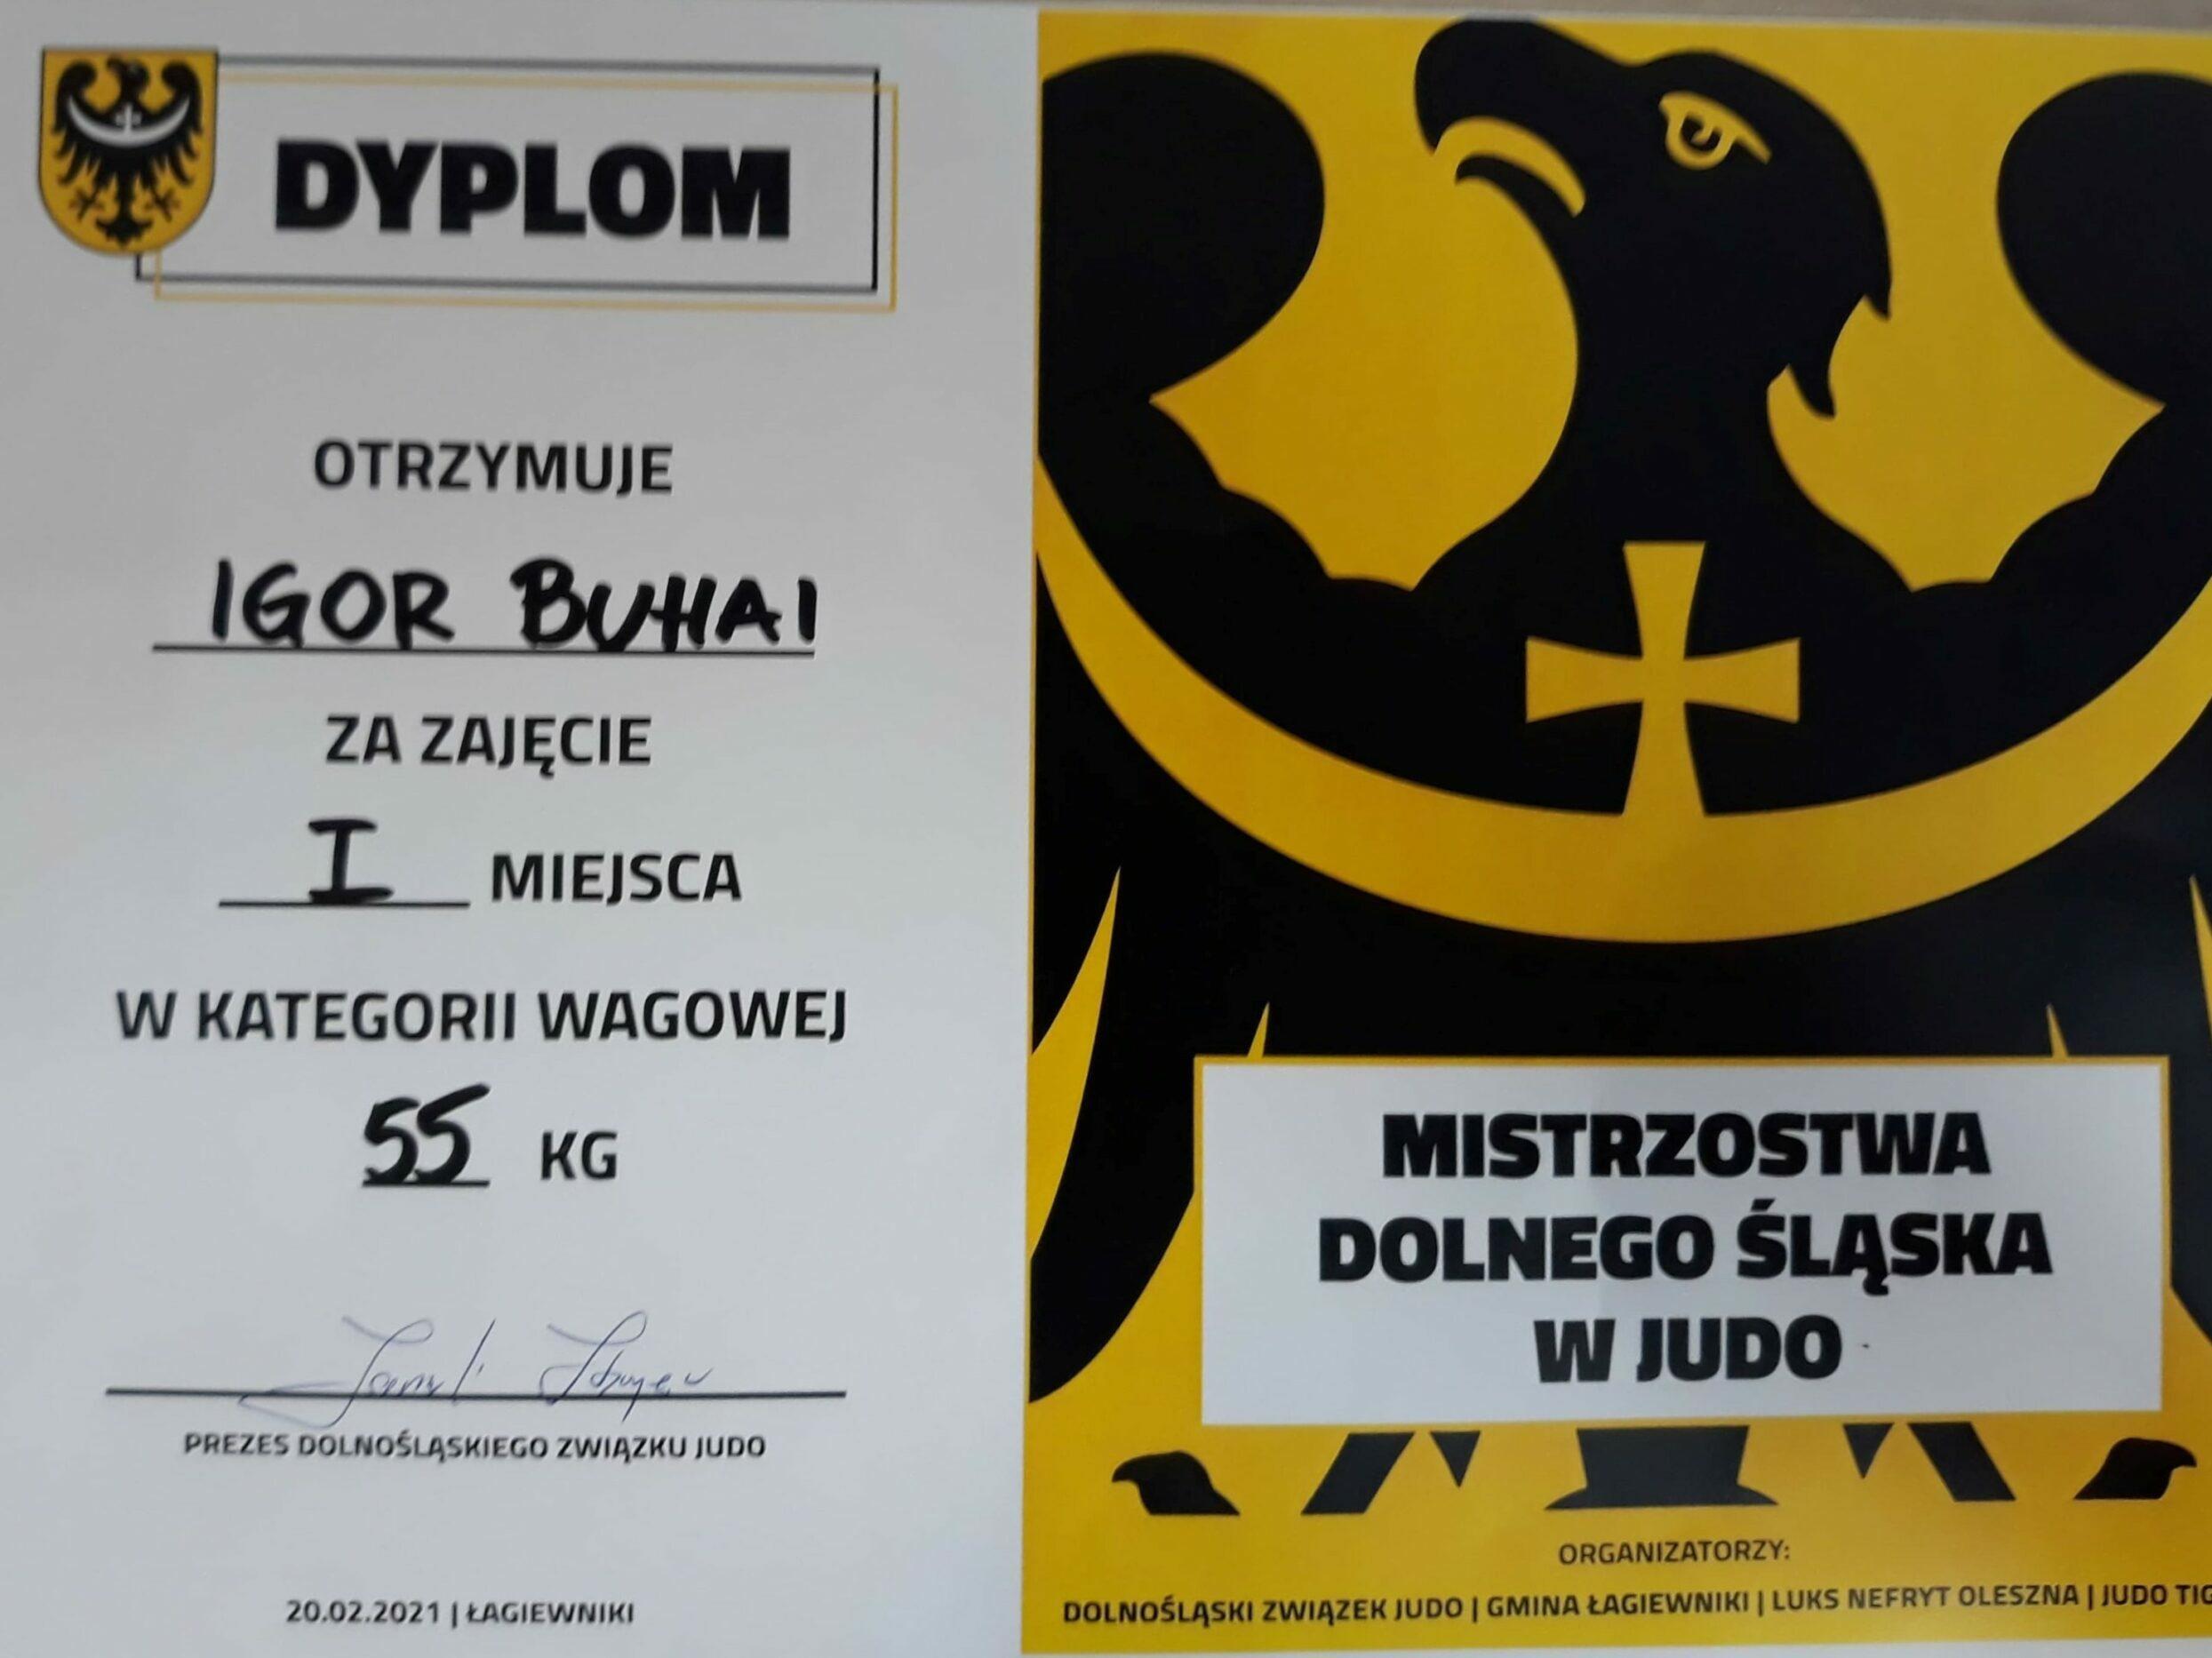 Dyplom za zawody w judo